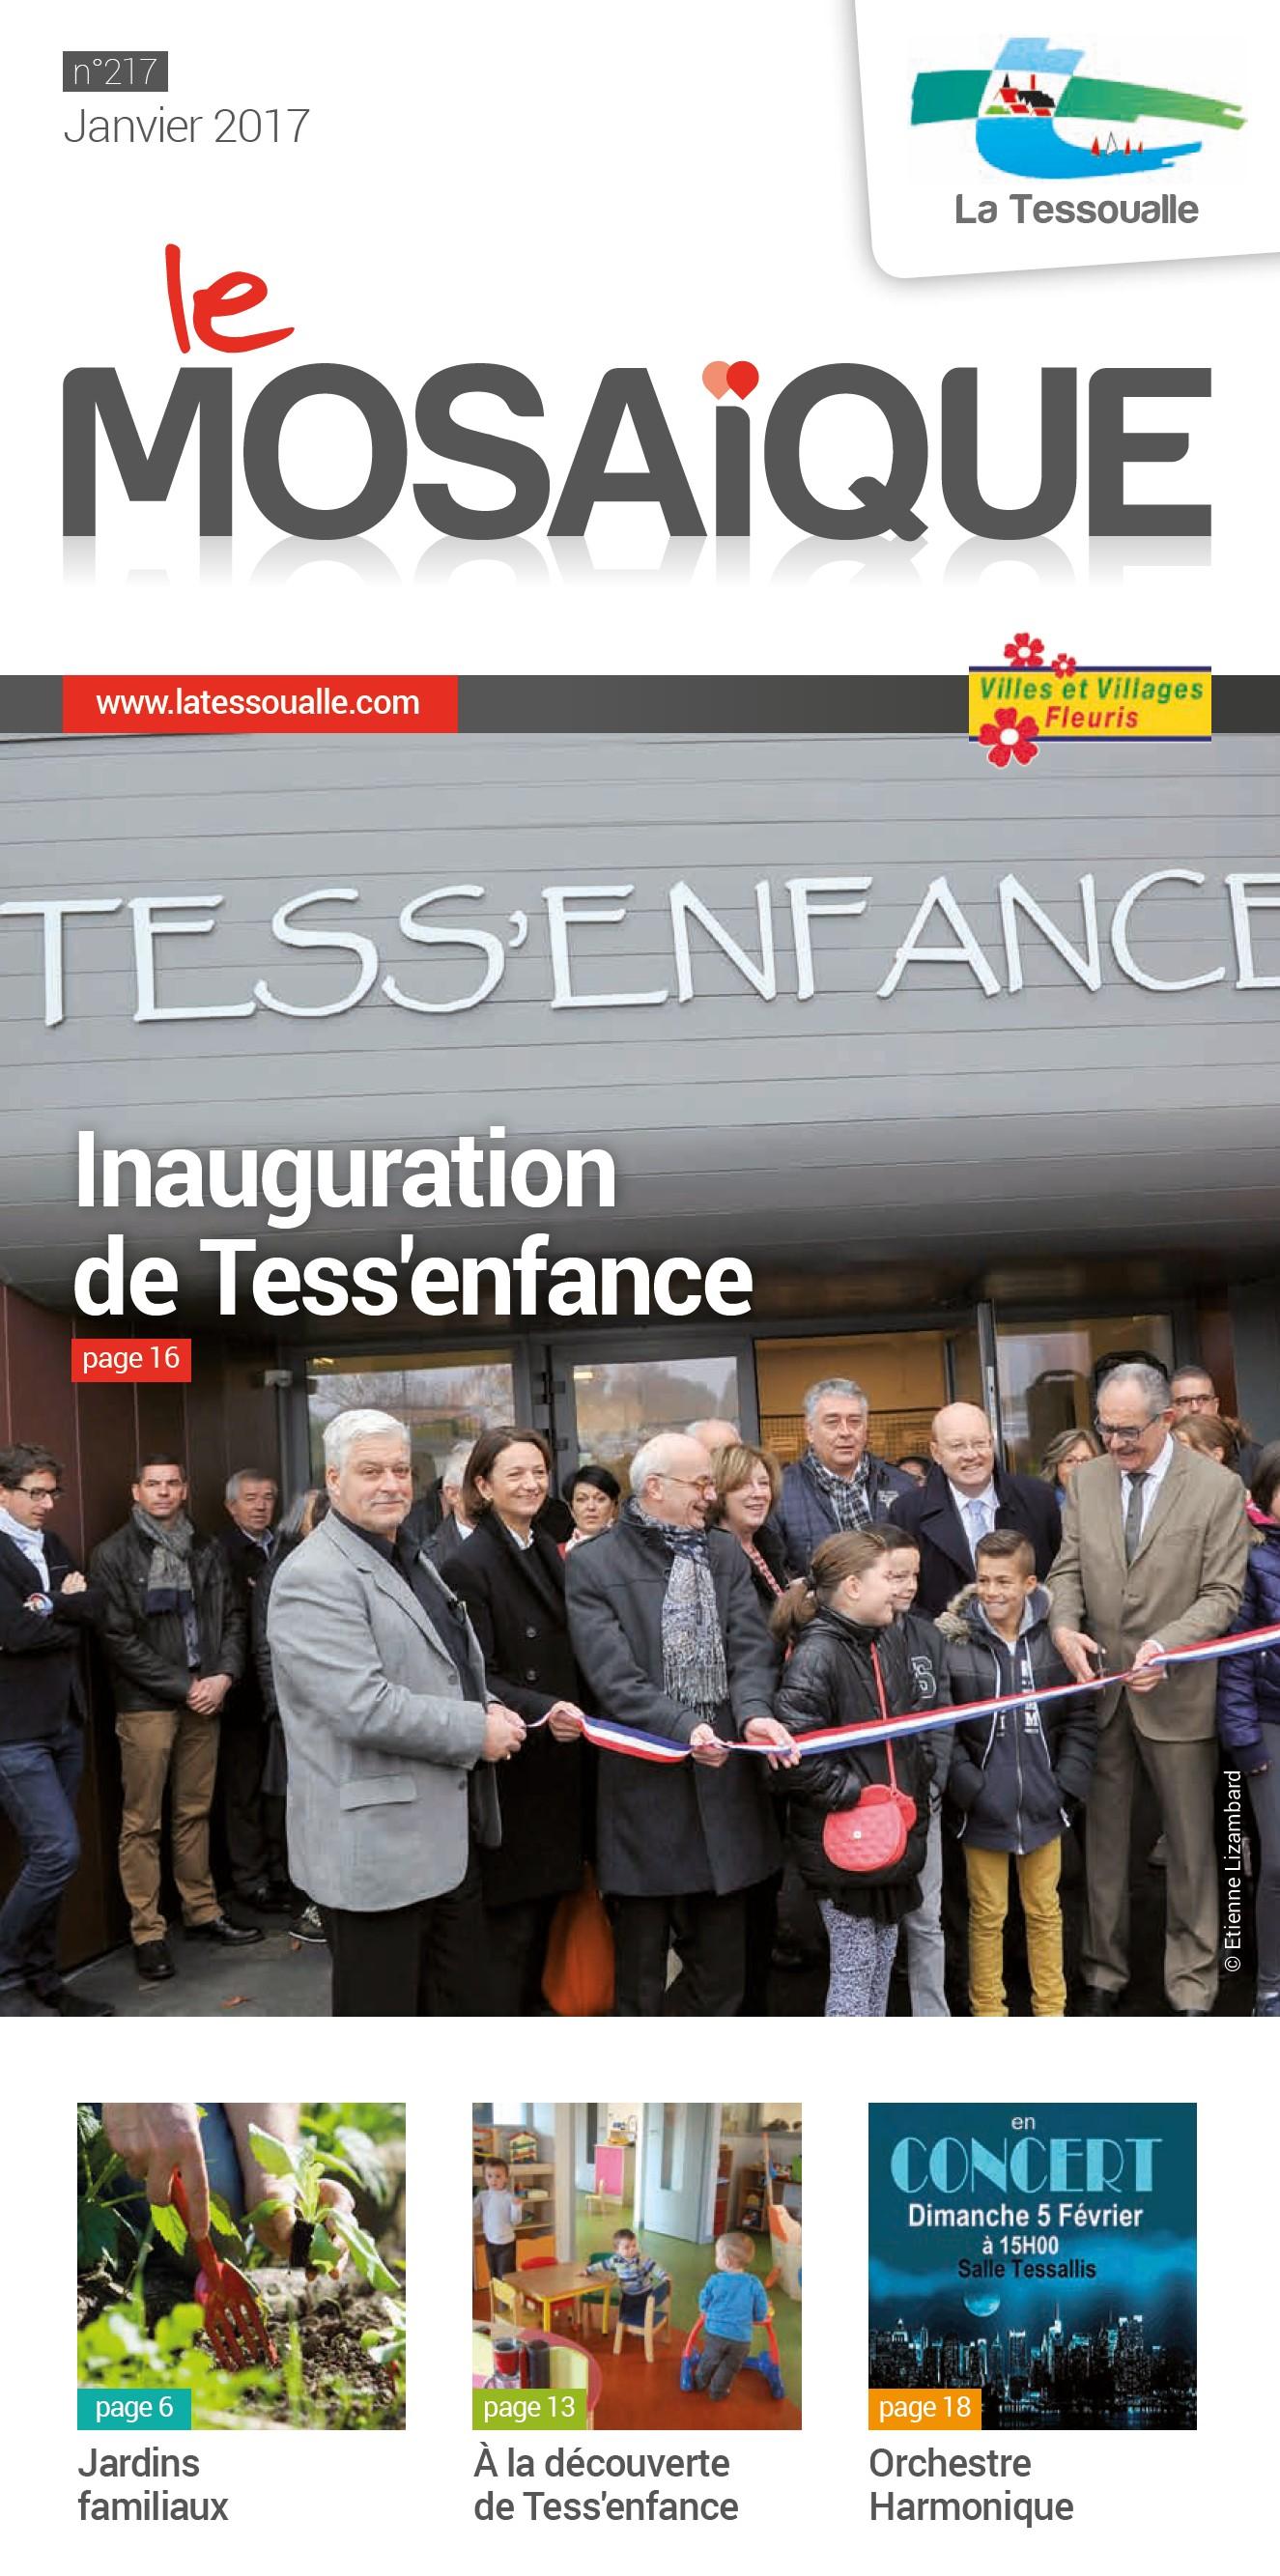 mosaïque janvier 2017 page de garde